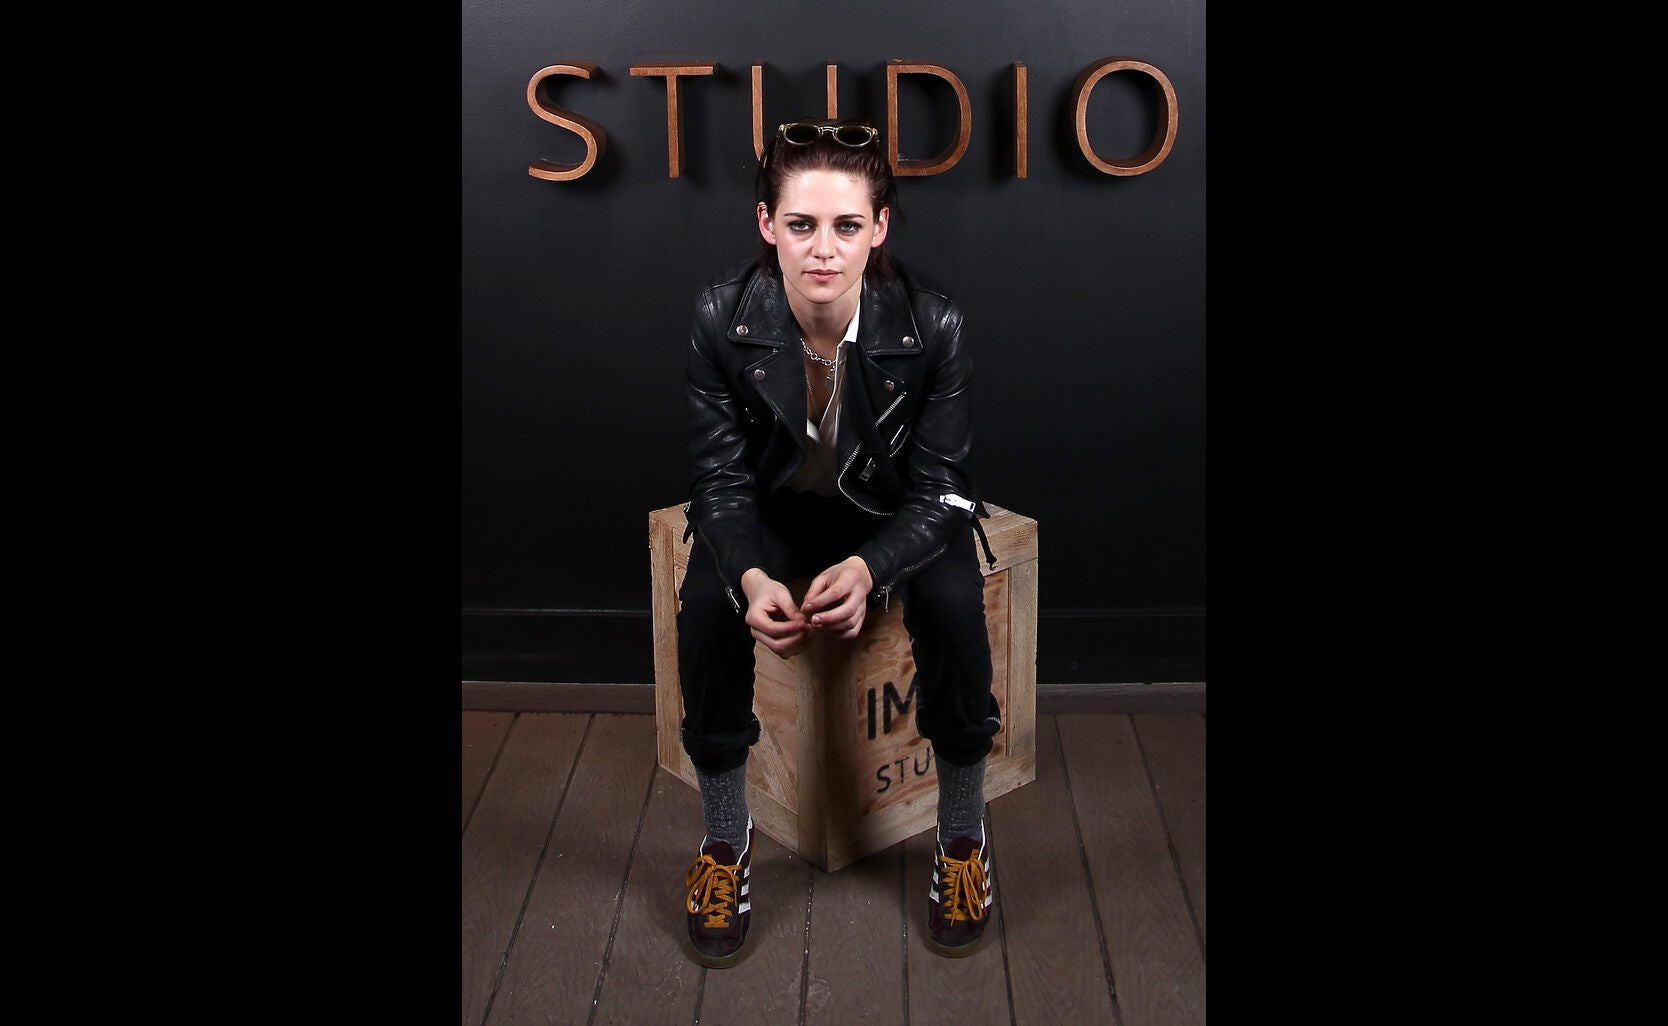 Kristen Stewart at Sundance 2017